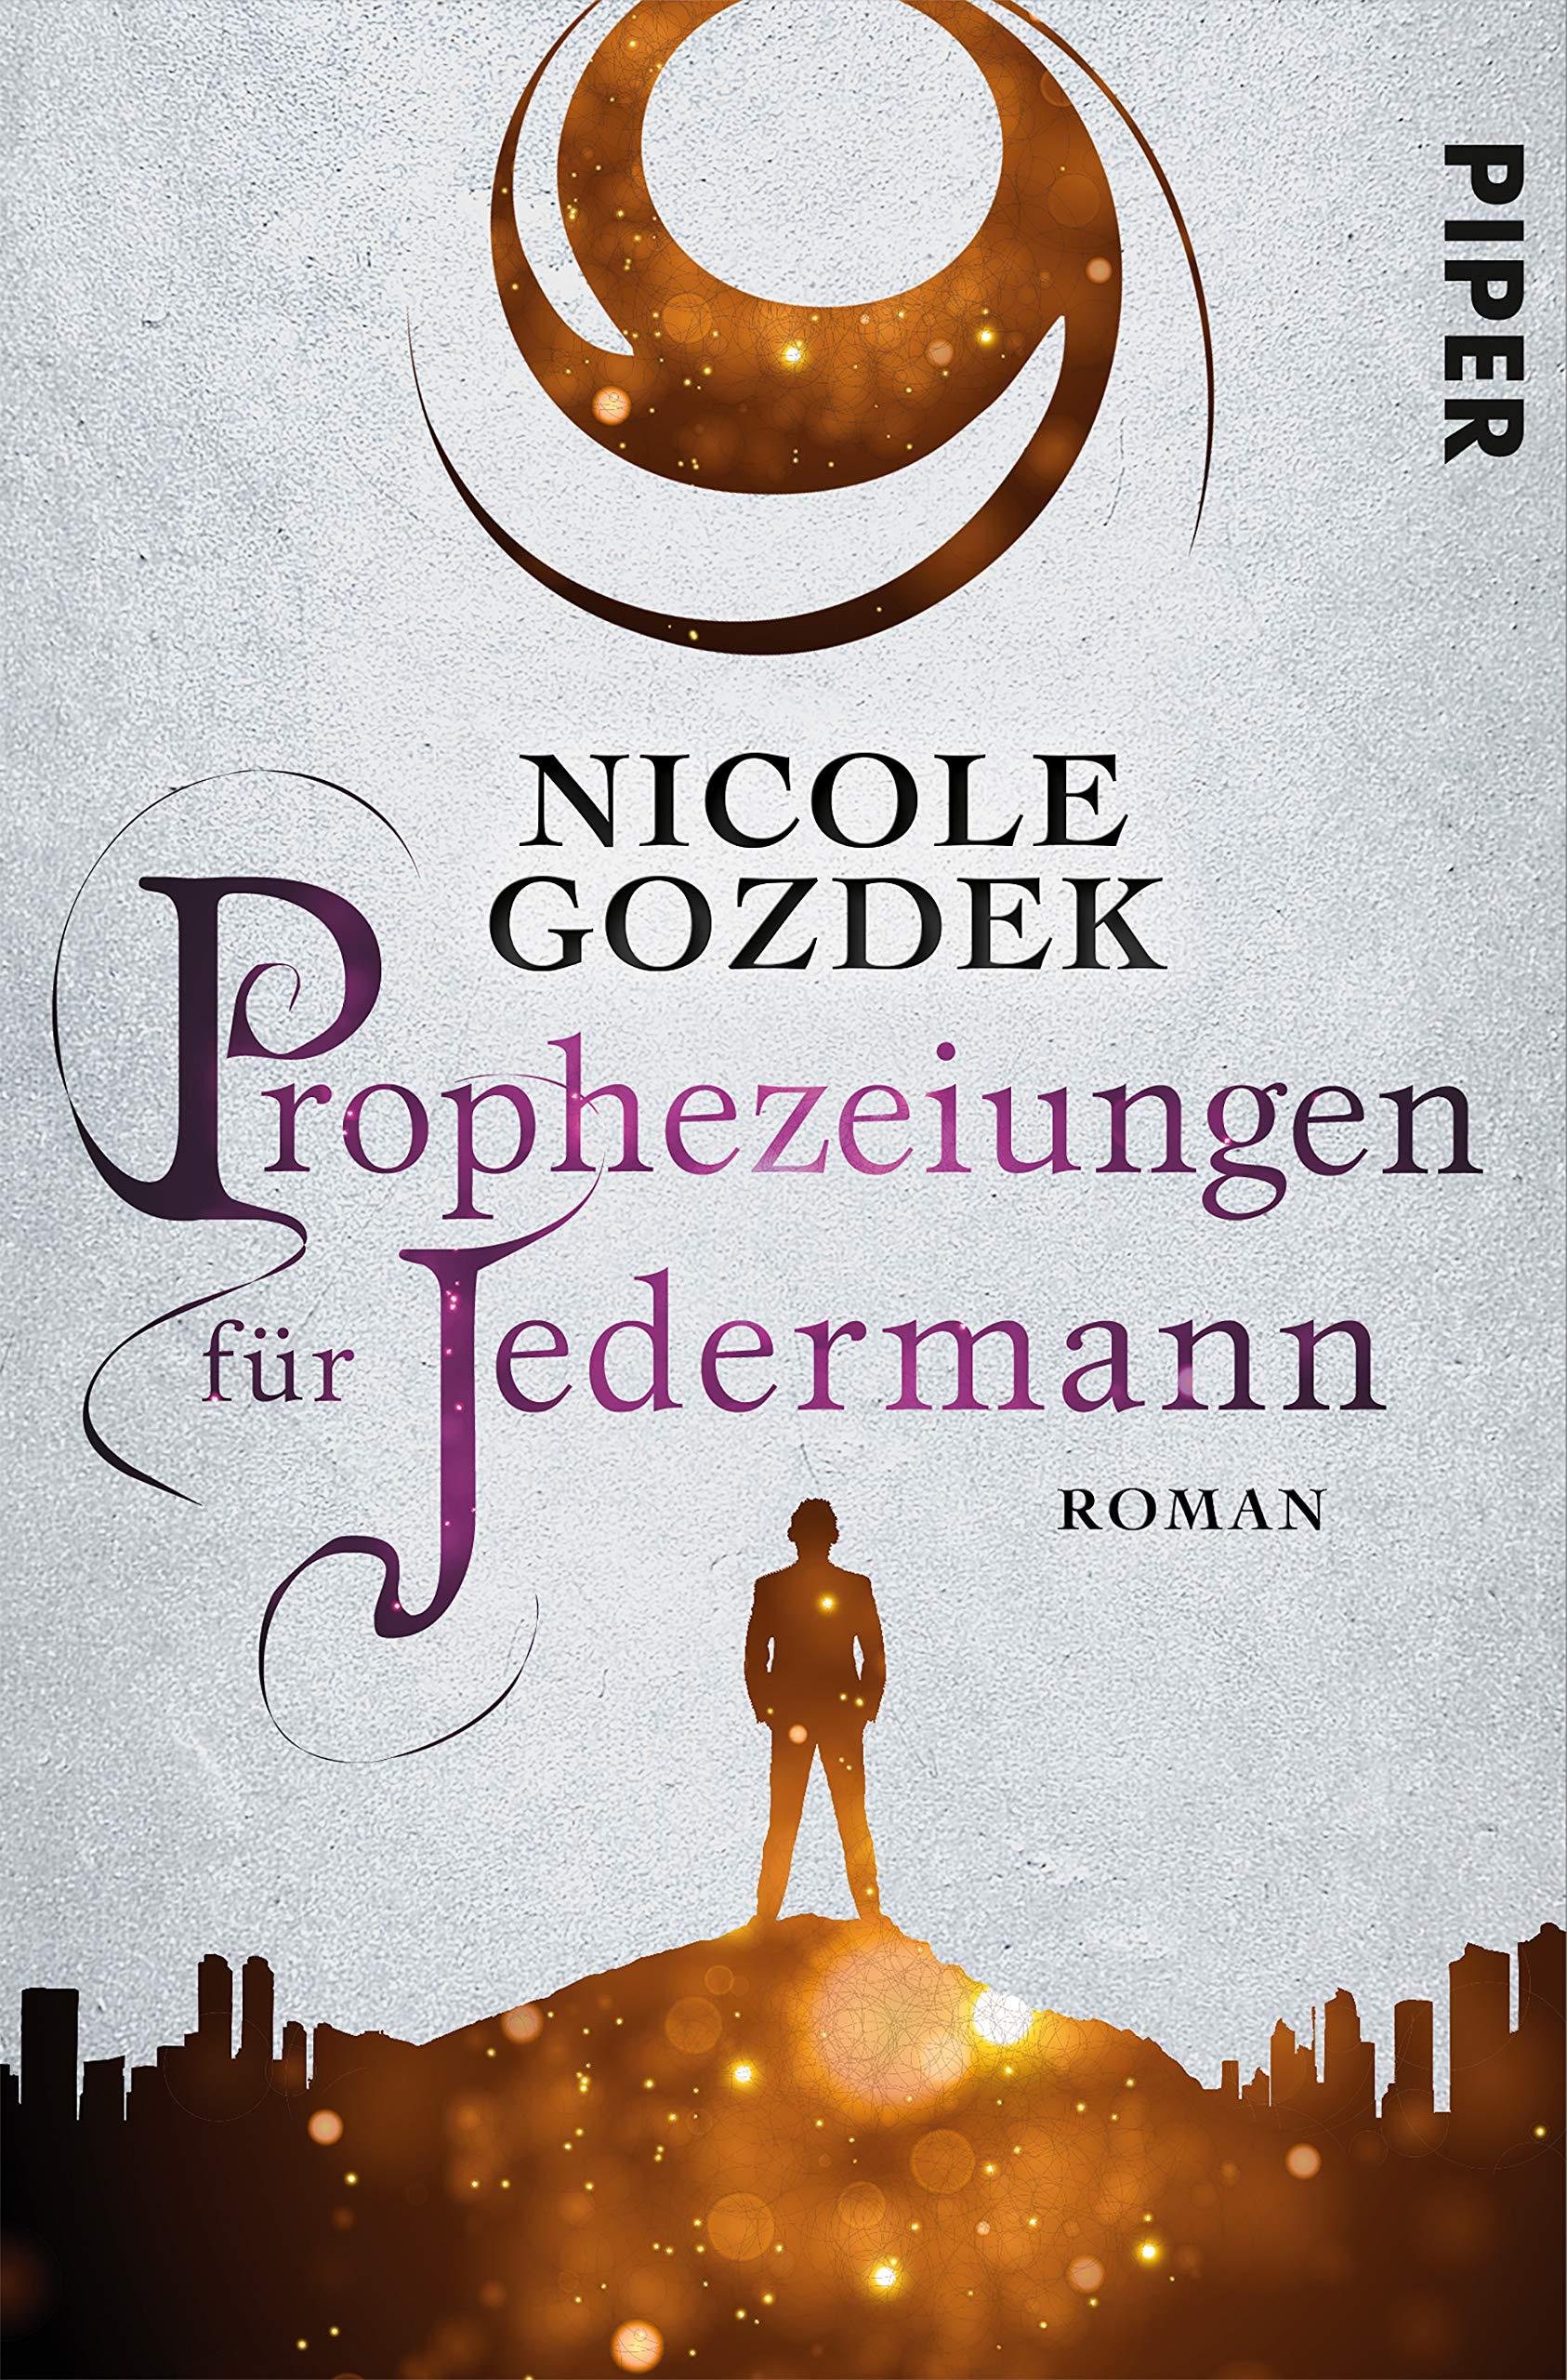 06_Gozdek_Nicole_Prophezeiungen-fuer-Jedermann_Phantastik-autoren-netzwerk.jpg